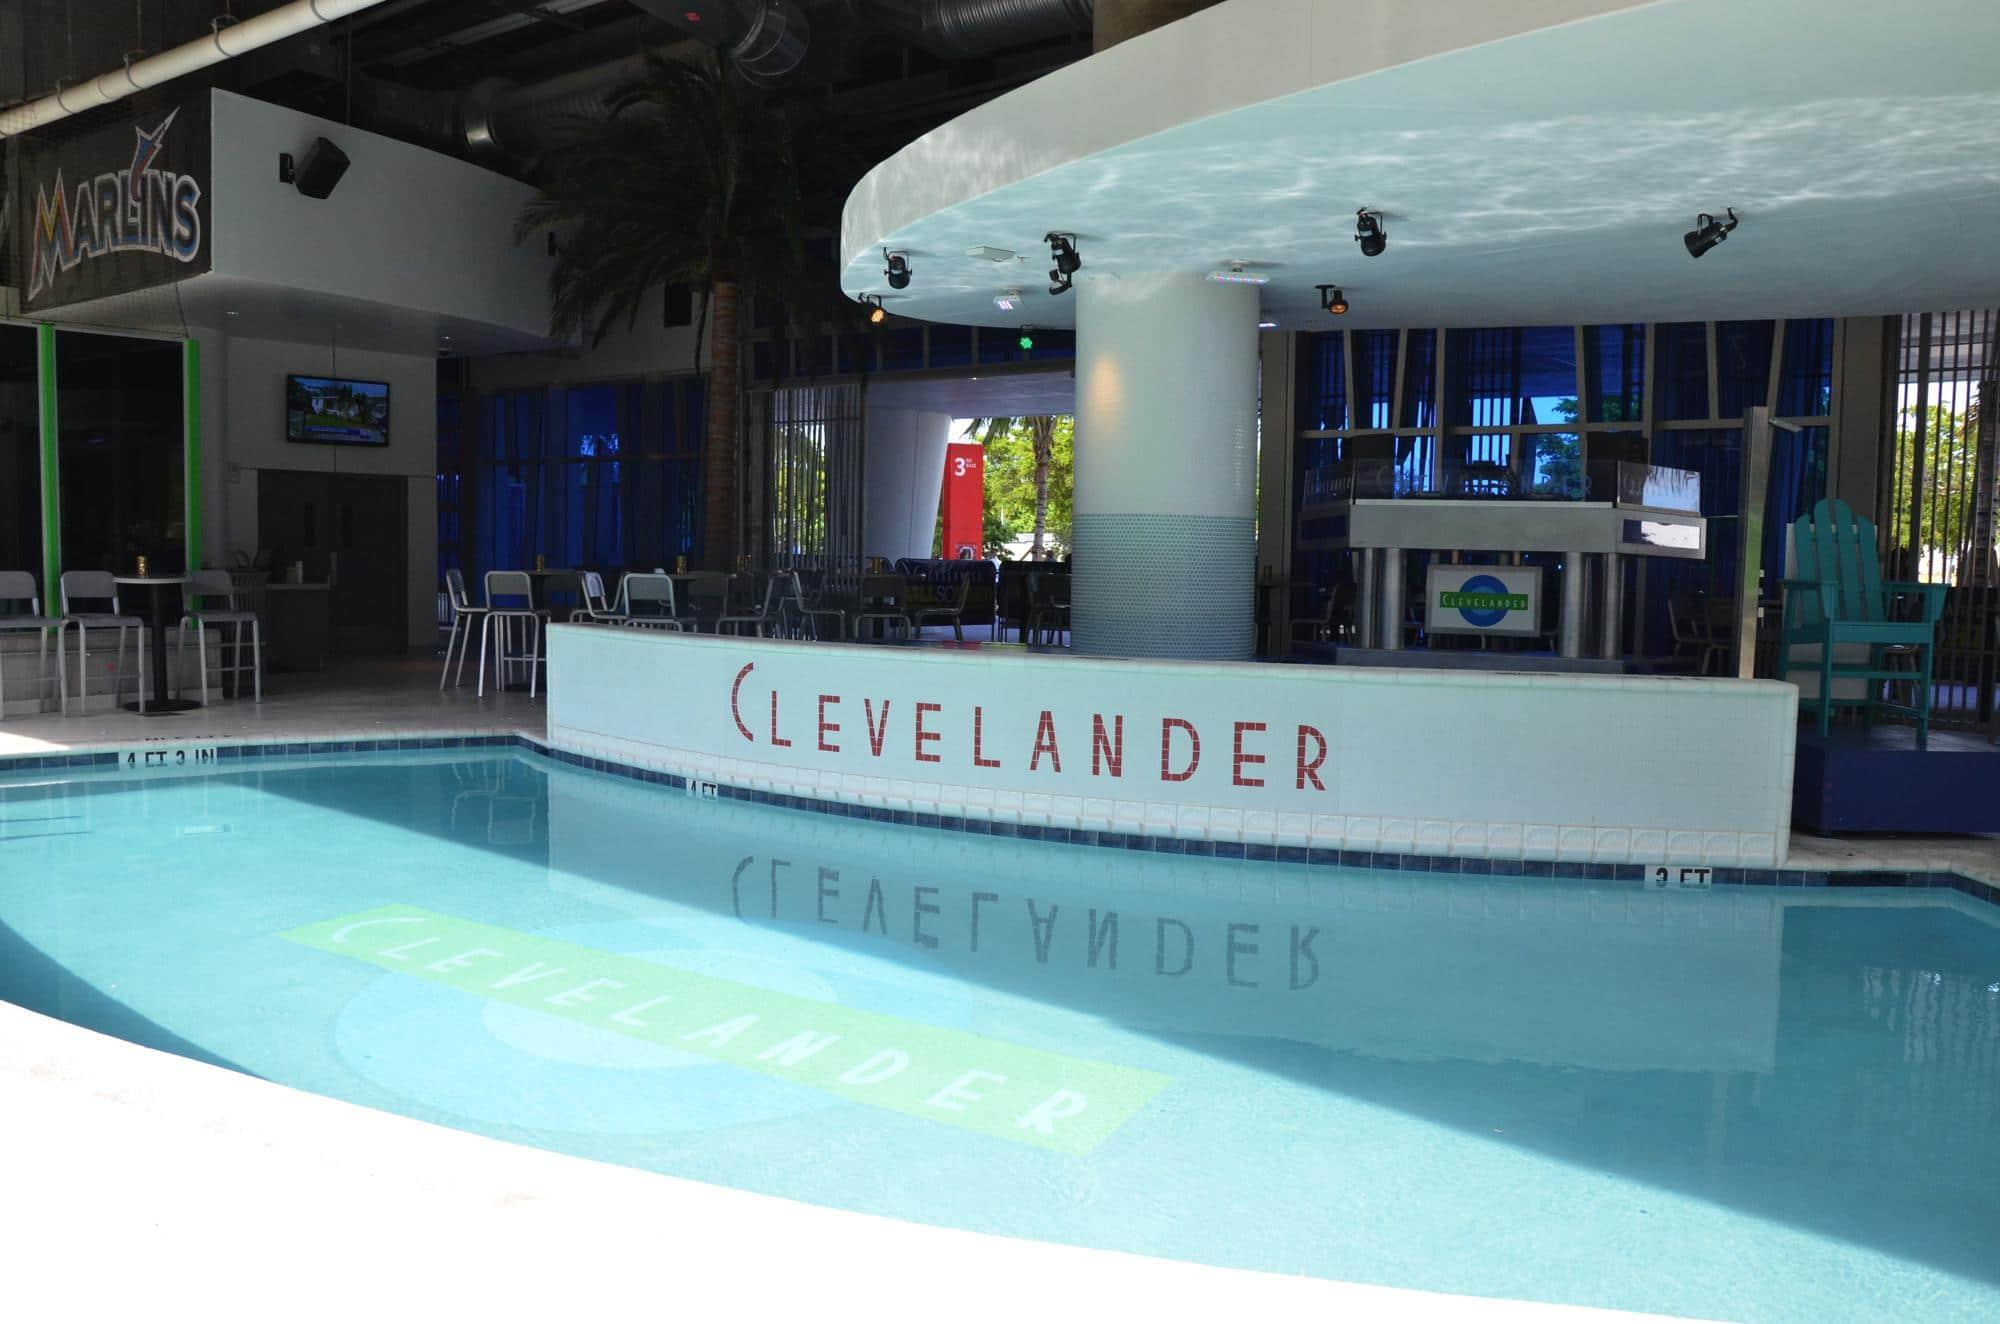 The Clevelander at Marlins Park